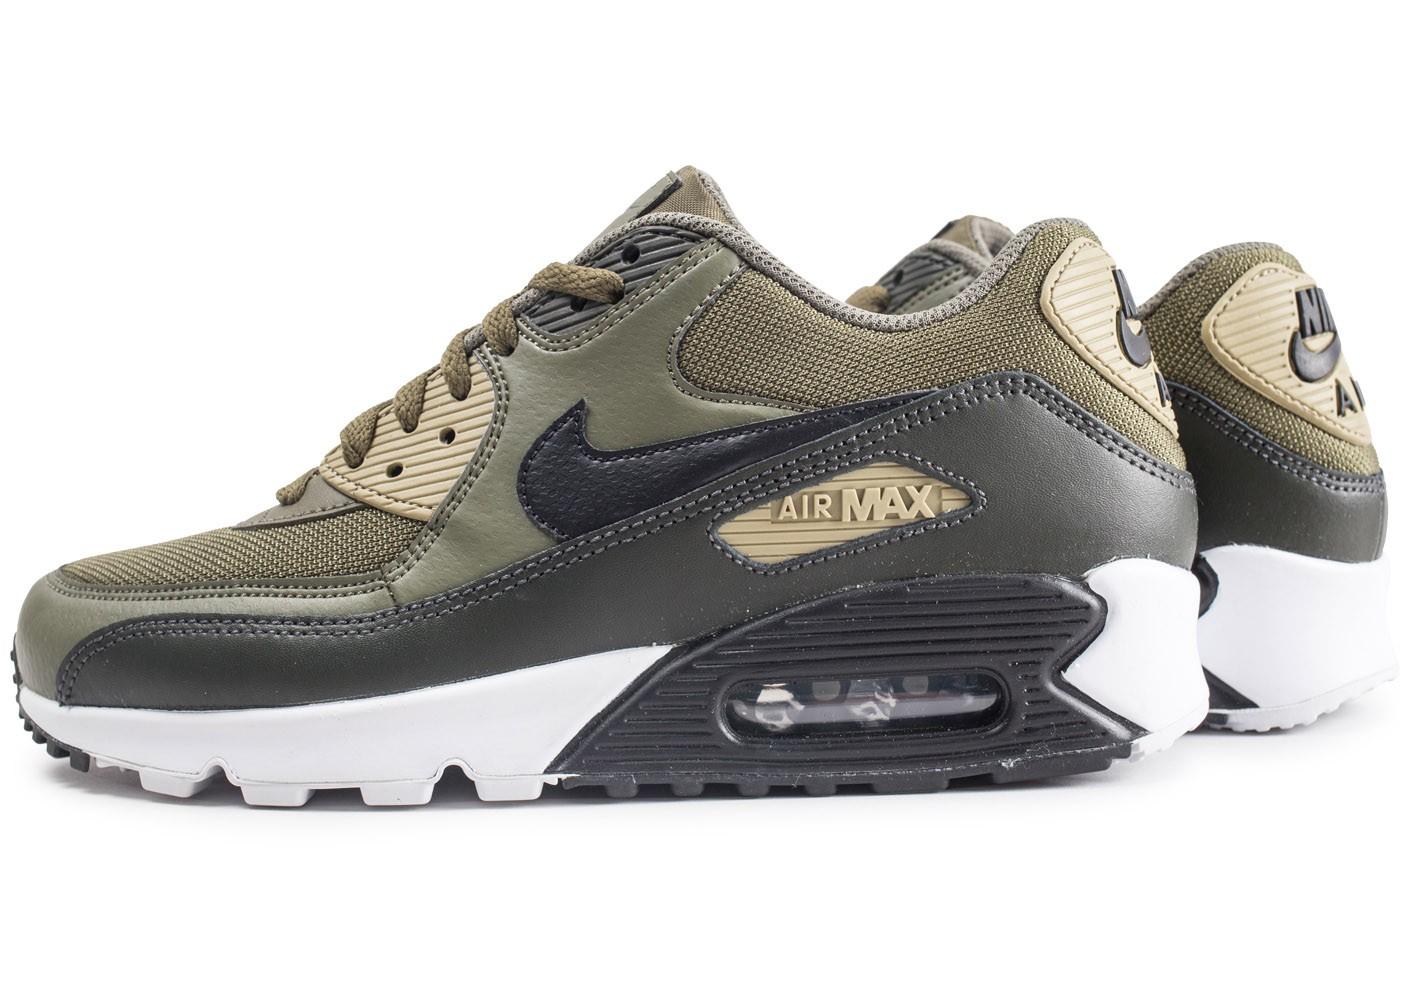 nike air max 90 olive homme,Nike Air Max Nike Air Max 90 Kaki Nike Homme Air Max 90